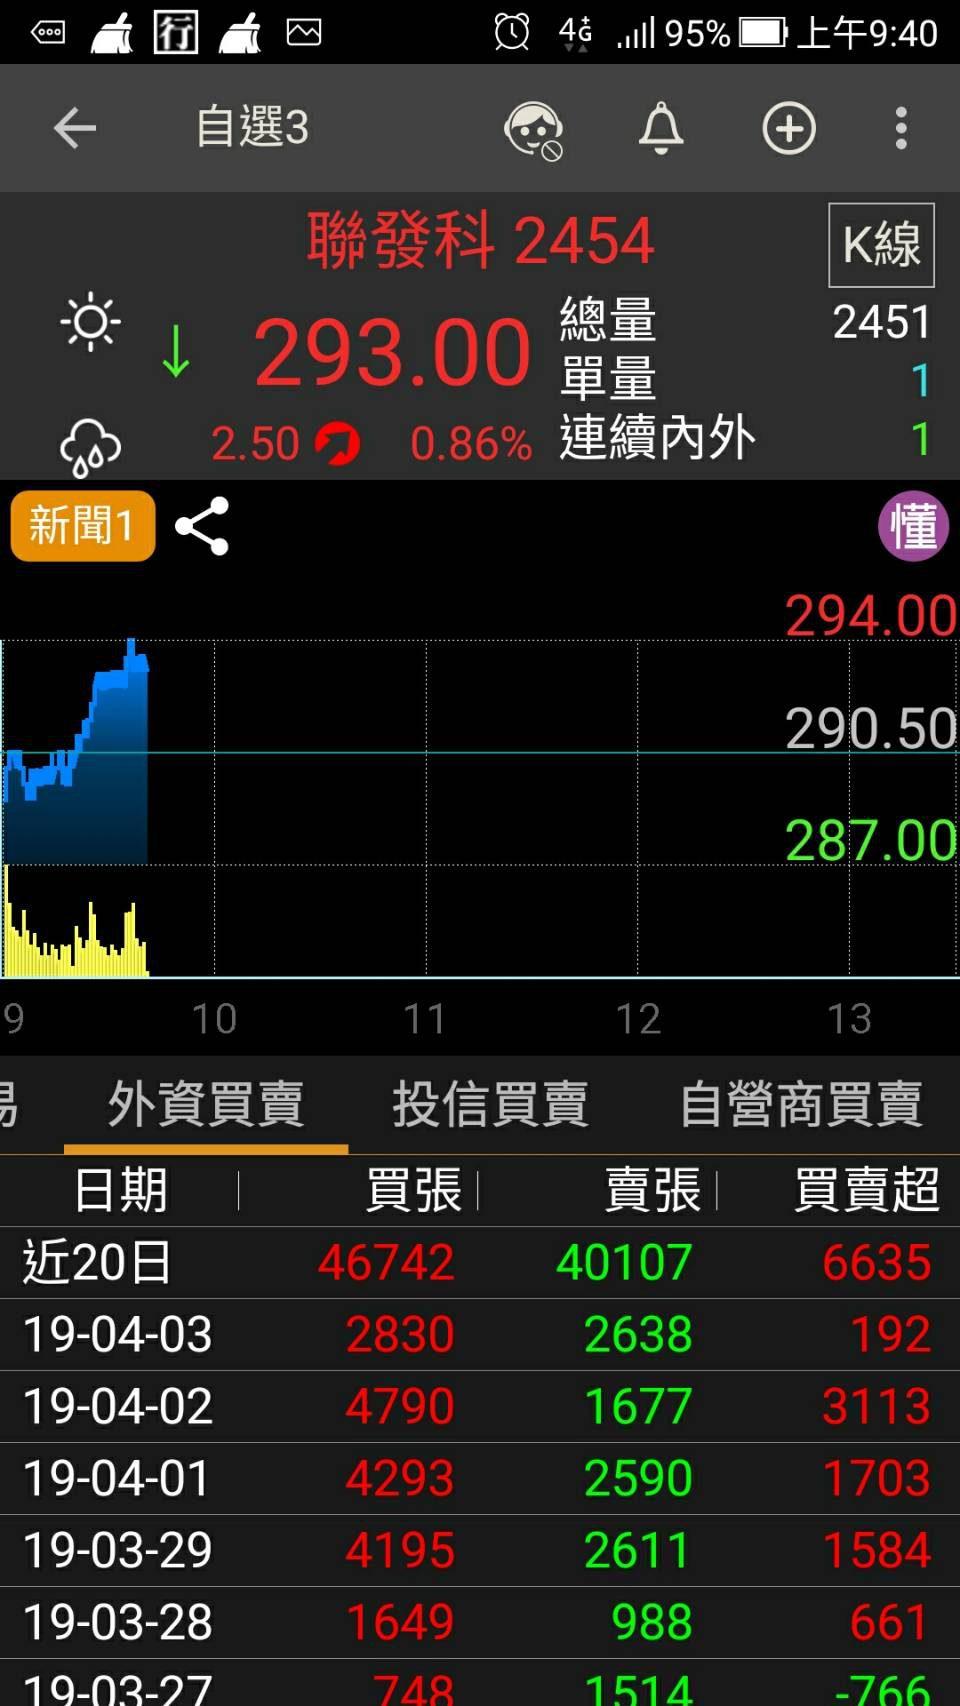 股市德哥 盤中神秘大戶講股 2019/04/08 | 寶得富網